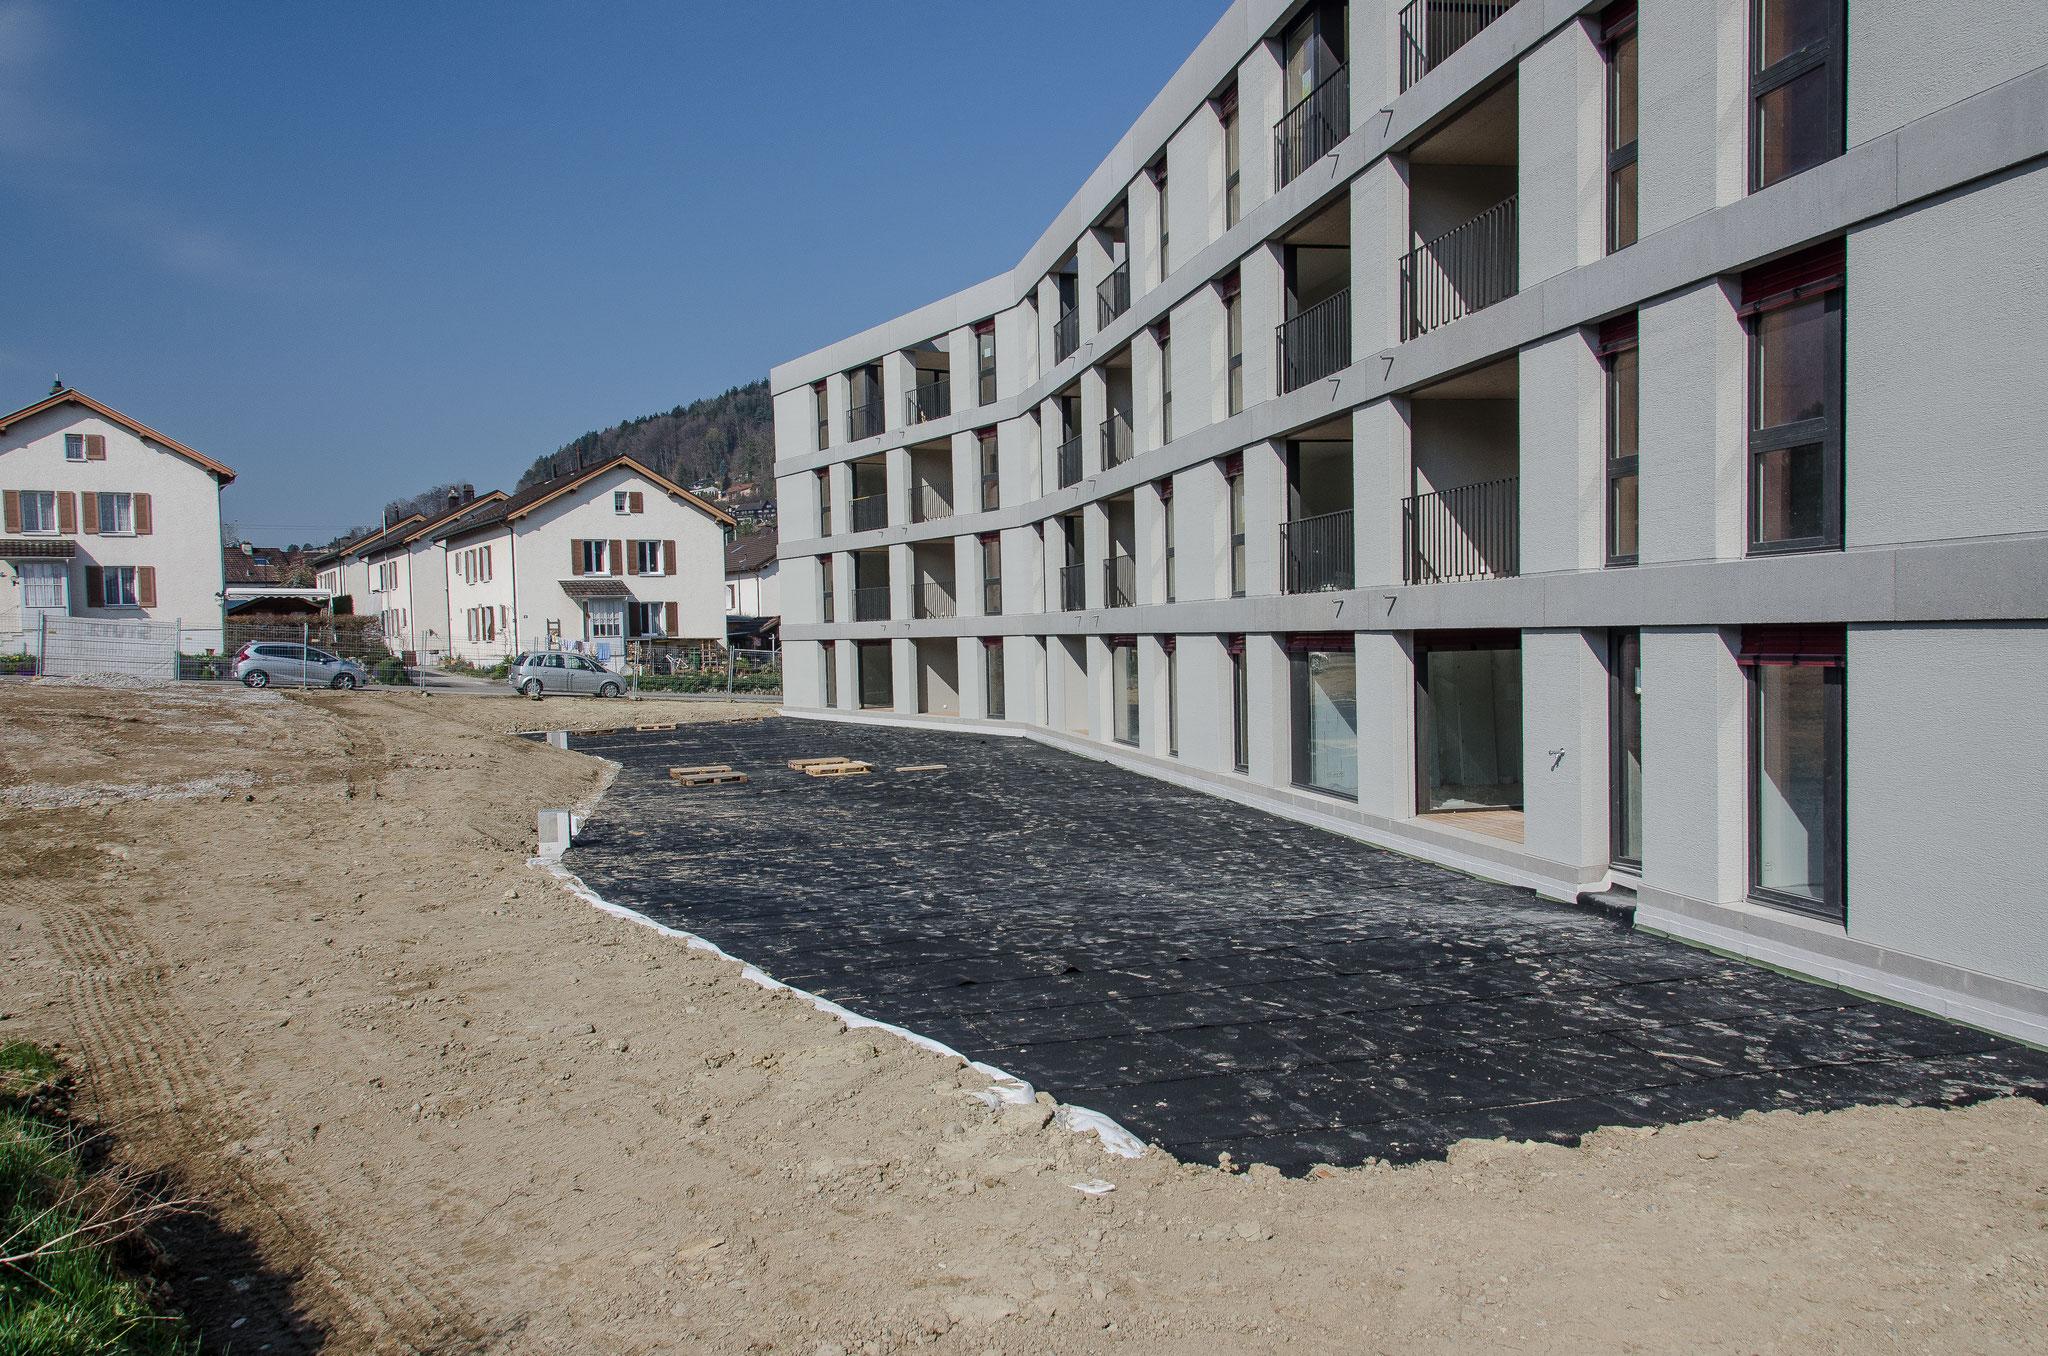 Das Dach der Tiefgarage ist abgedichtet und wird, wie die ganze Fläche südlich des Gebäudes, mit einer Humusschicht zugedeckt und bepflanzt.